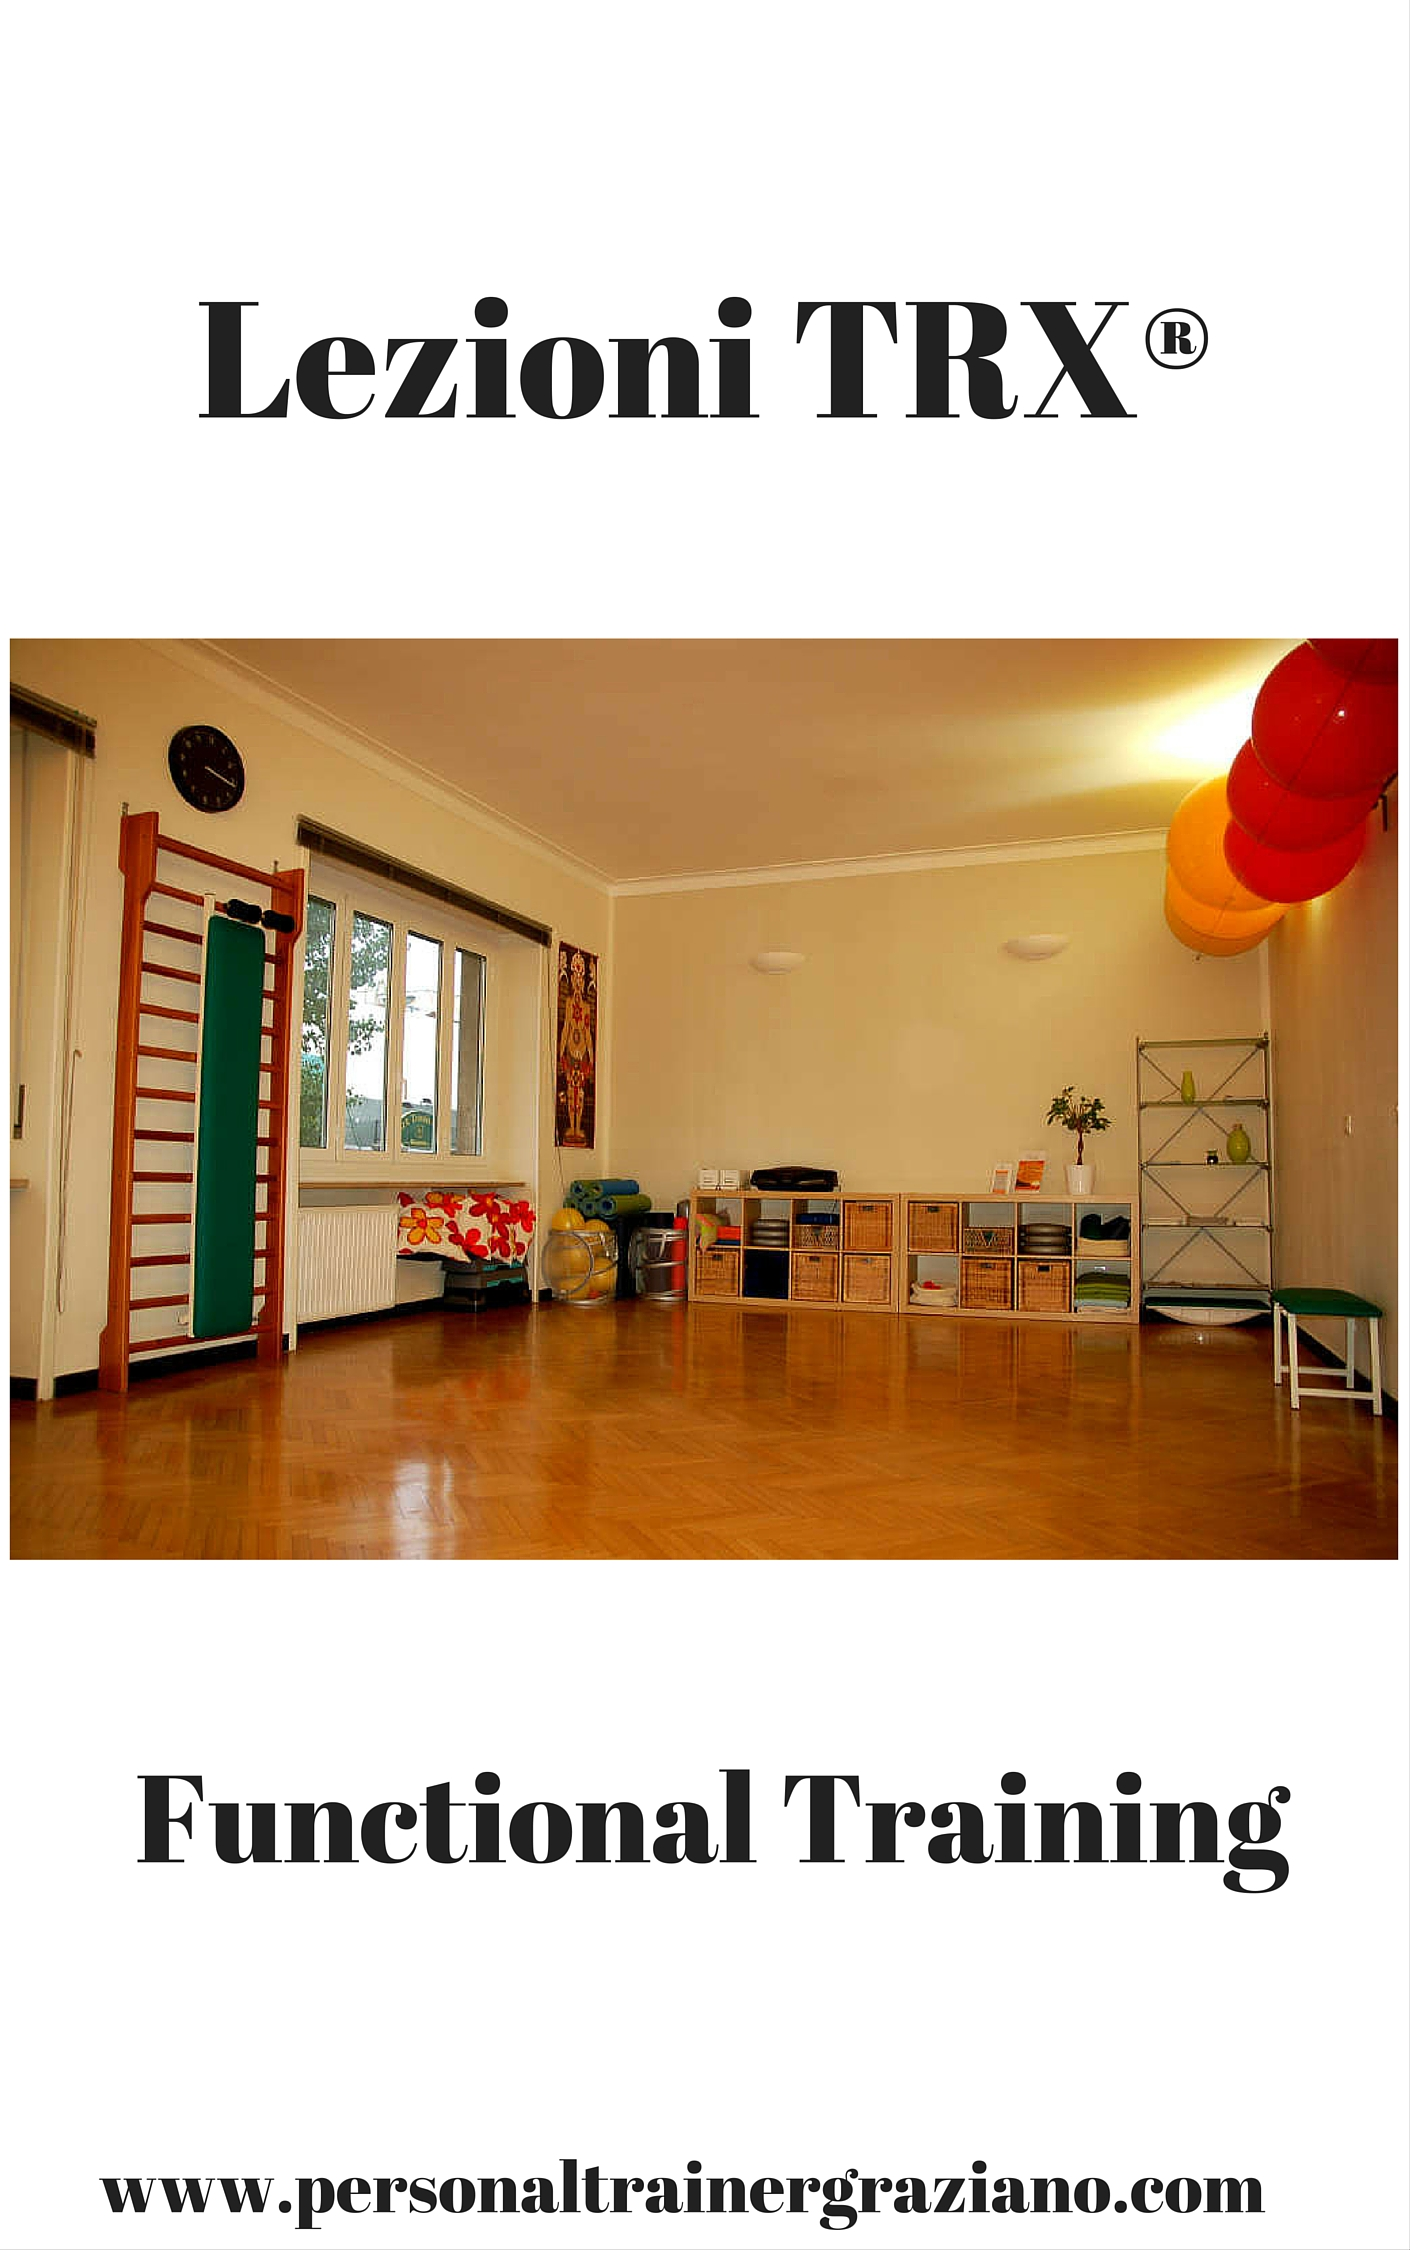 Graziano Noviello Personal Trainer Giornata Lezioni TRX® Functional Training Genova